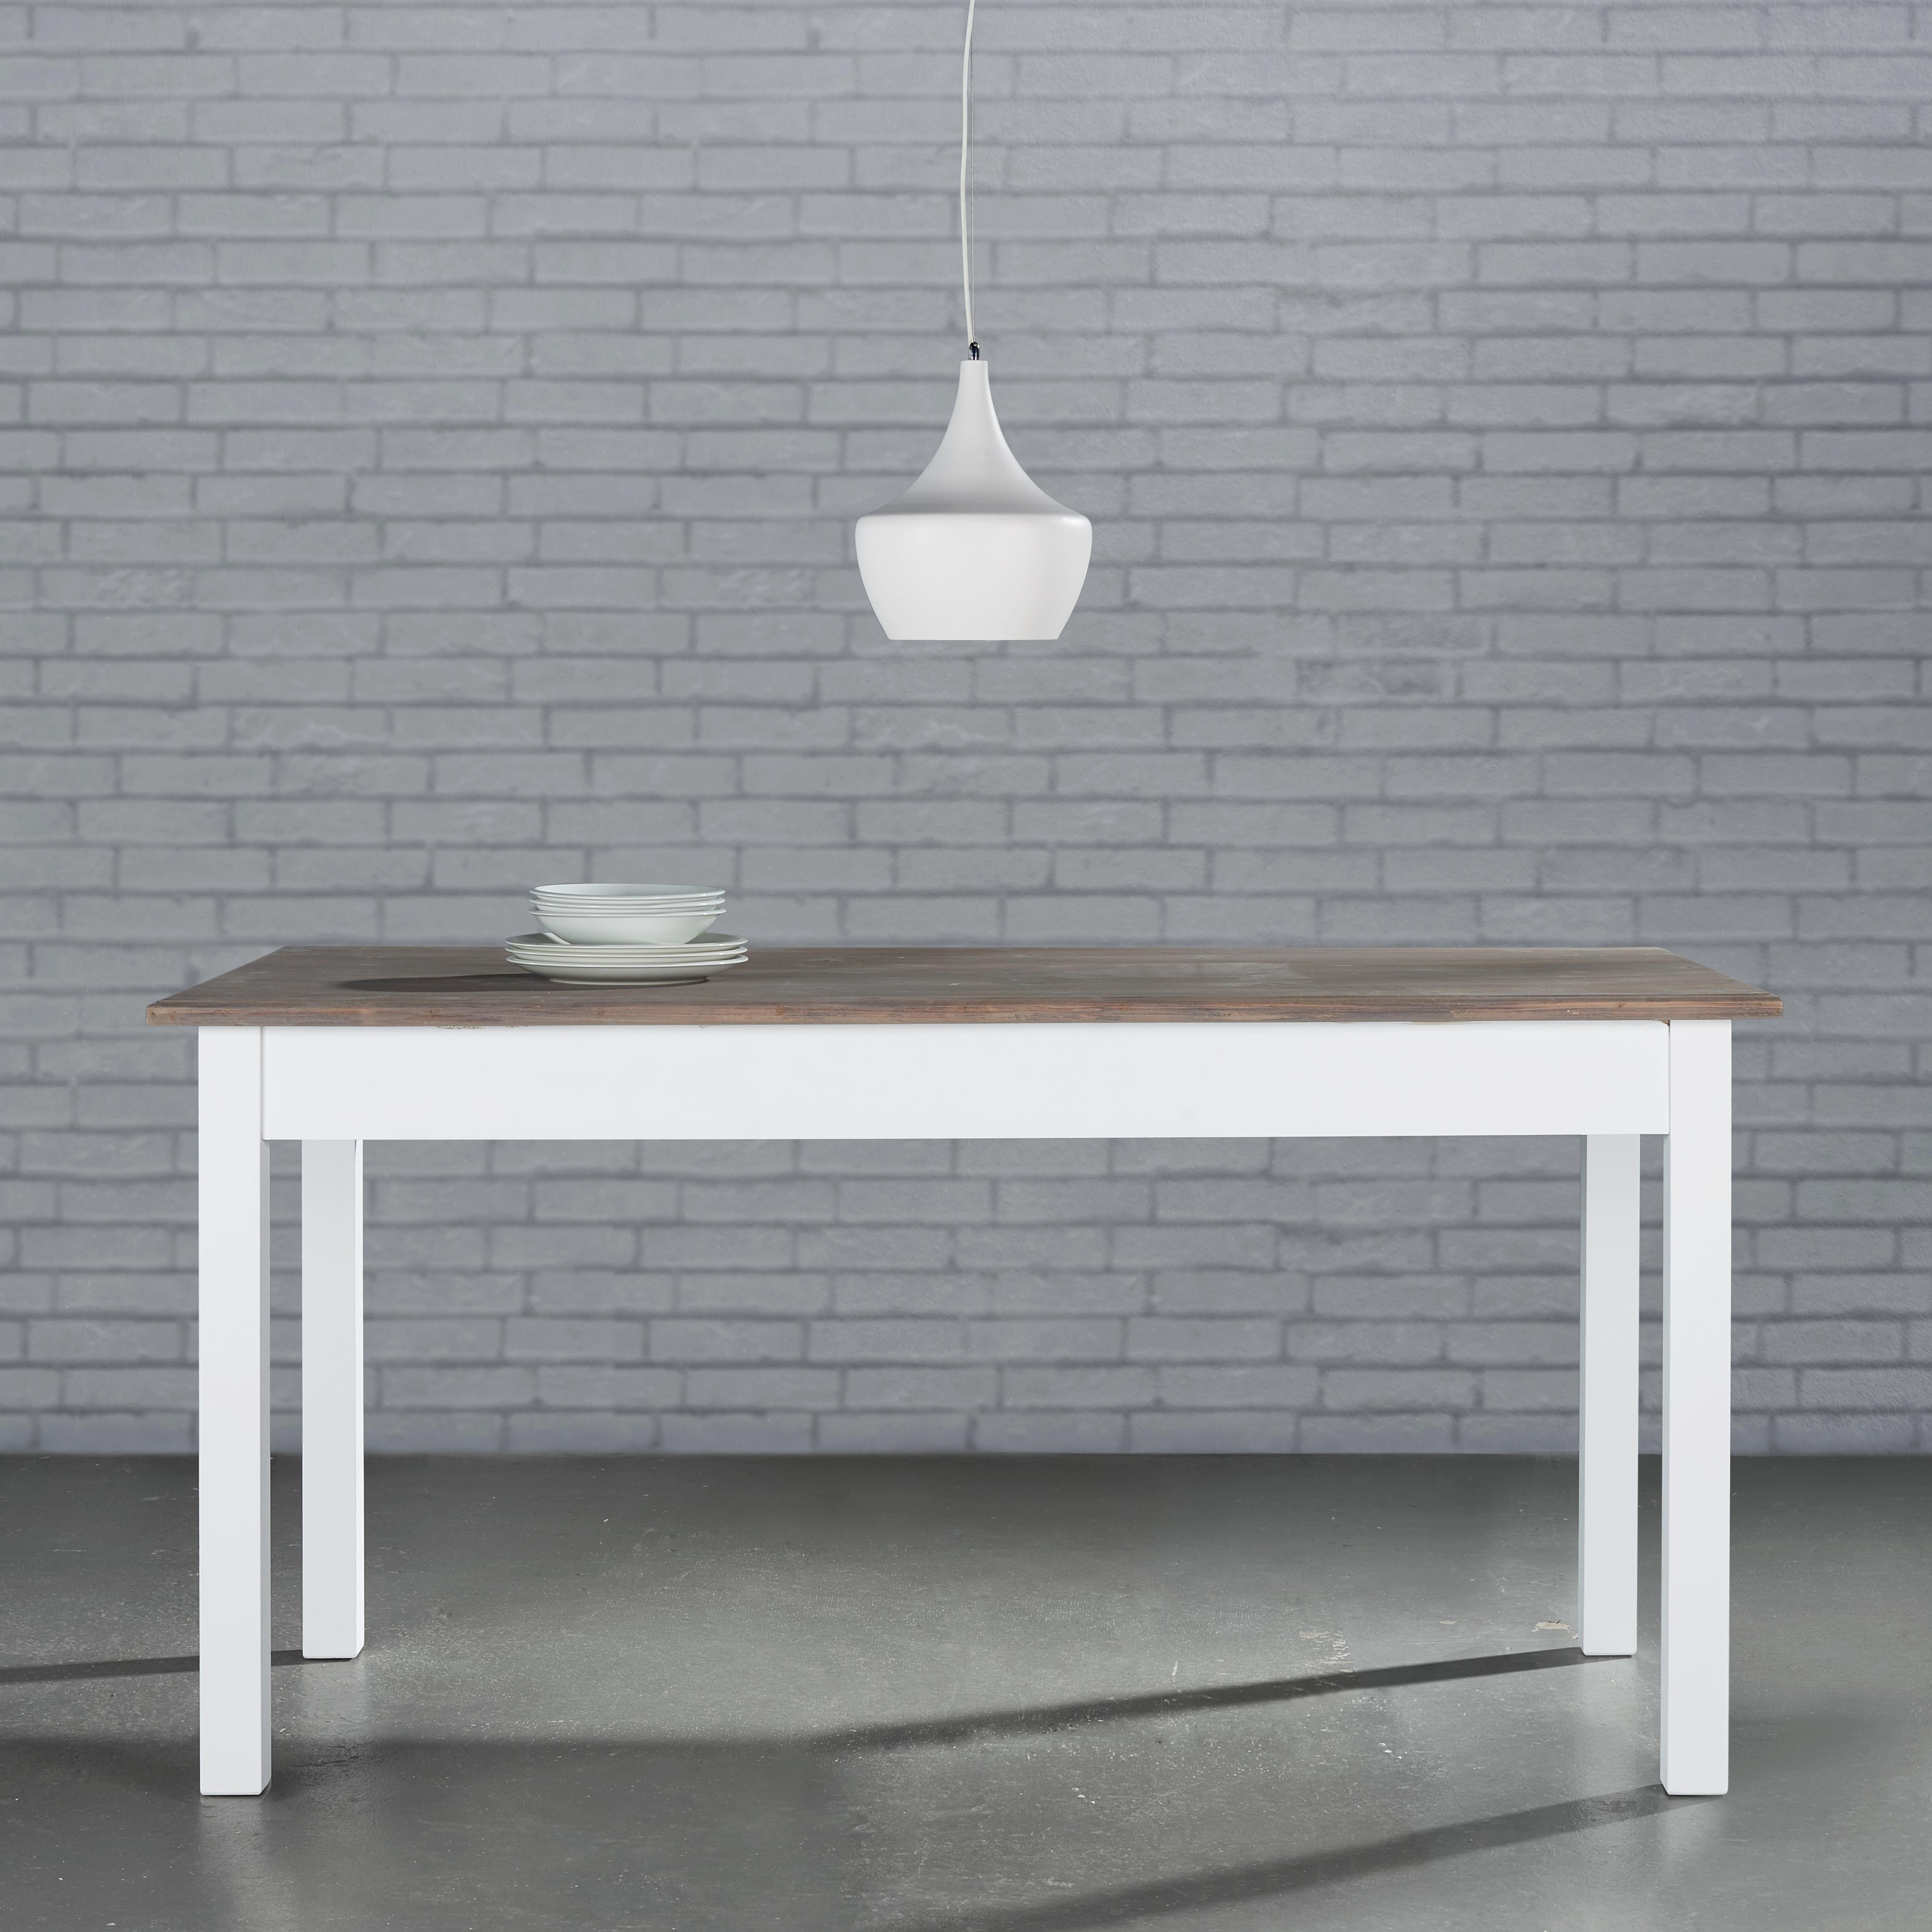 Esstisch Cookie 160x80cm - Weiß, Holz (160/80/80cm) - PREMIUM LIVING